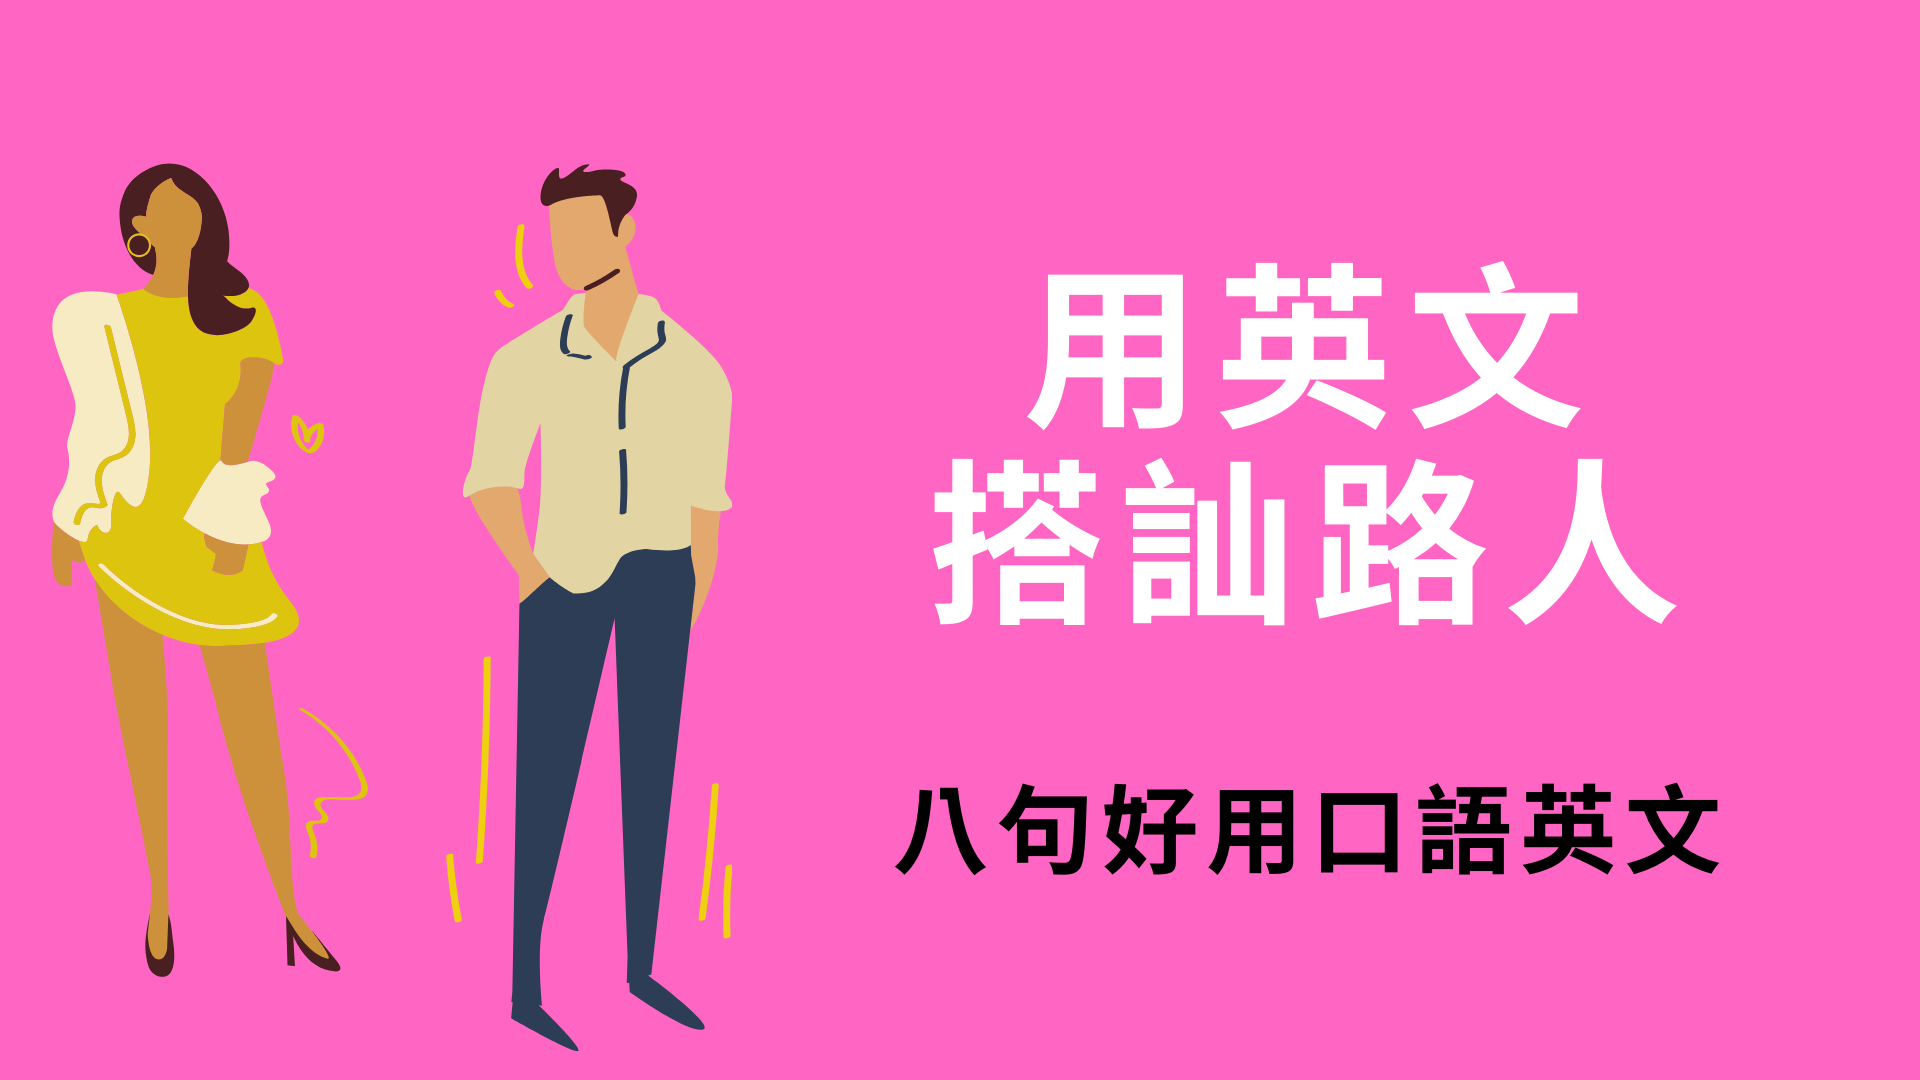 如何用英文搭訕路人?八句口語英文讓你輕鬆搭訕異性!